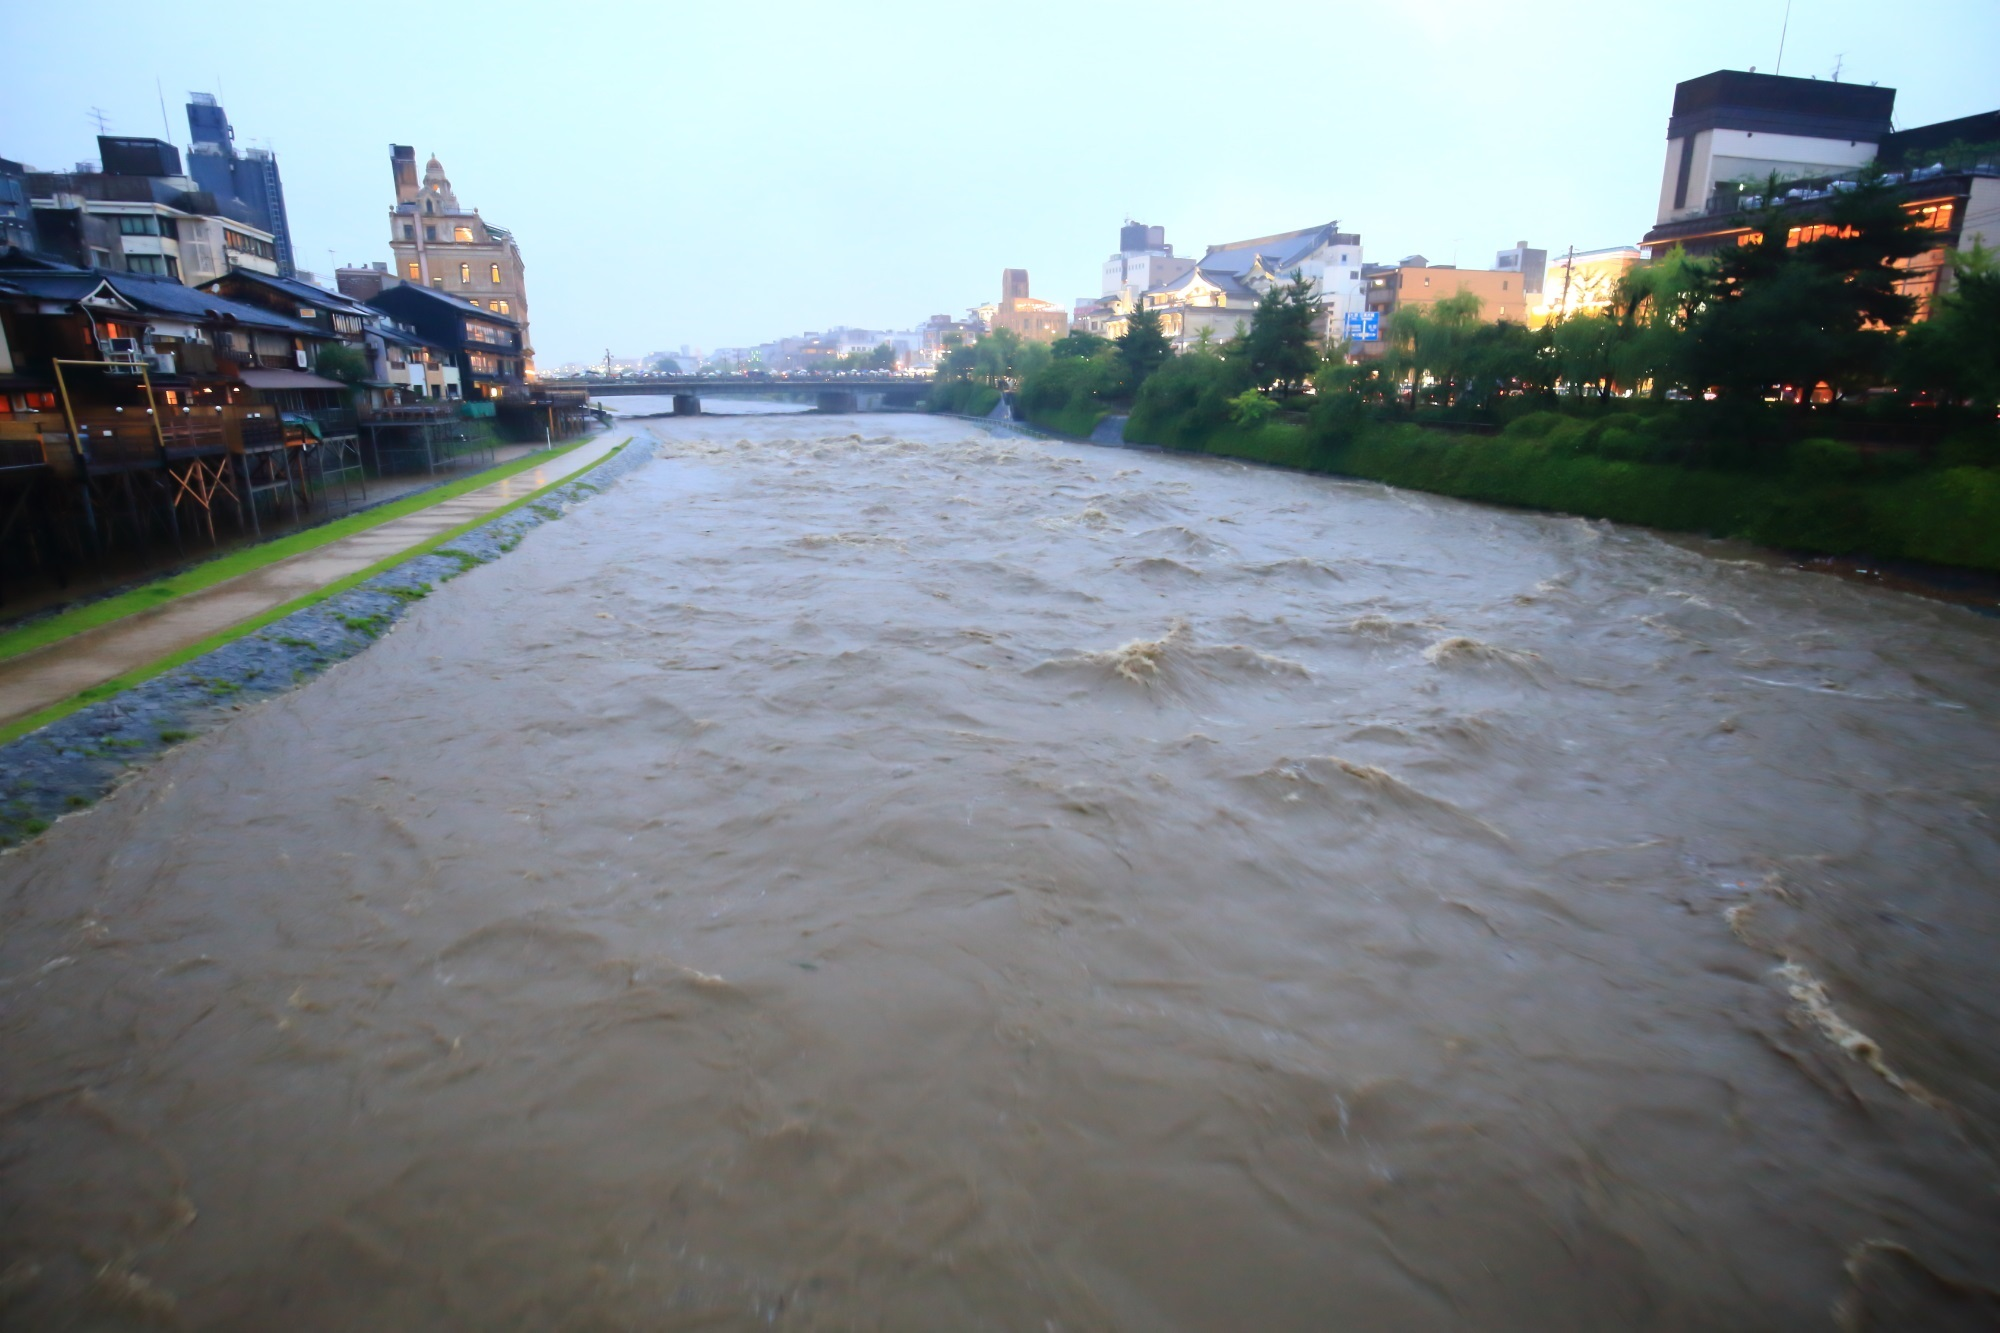 団栗橋から眺めた四条大橋方面の2015年の台風11号の大雨で増水した鴨川